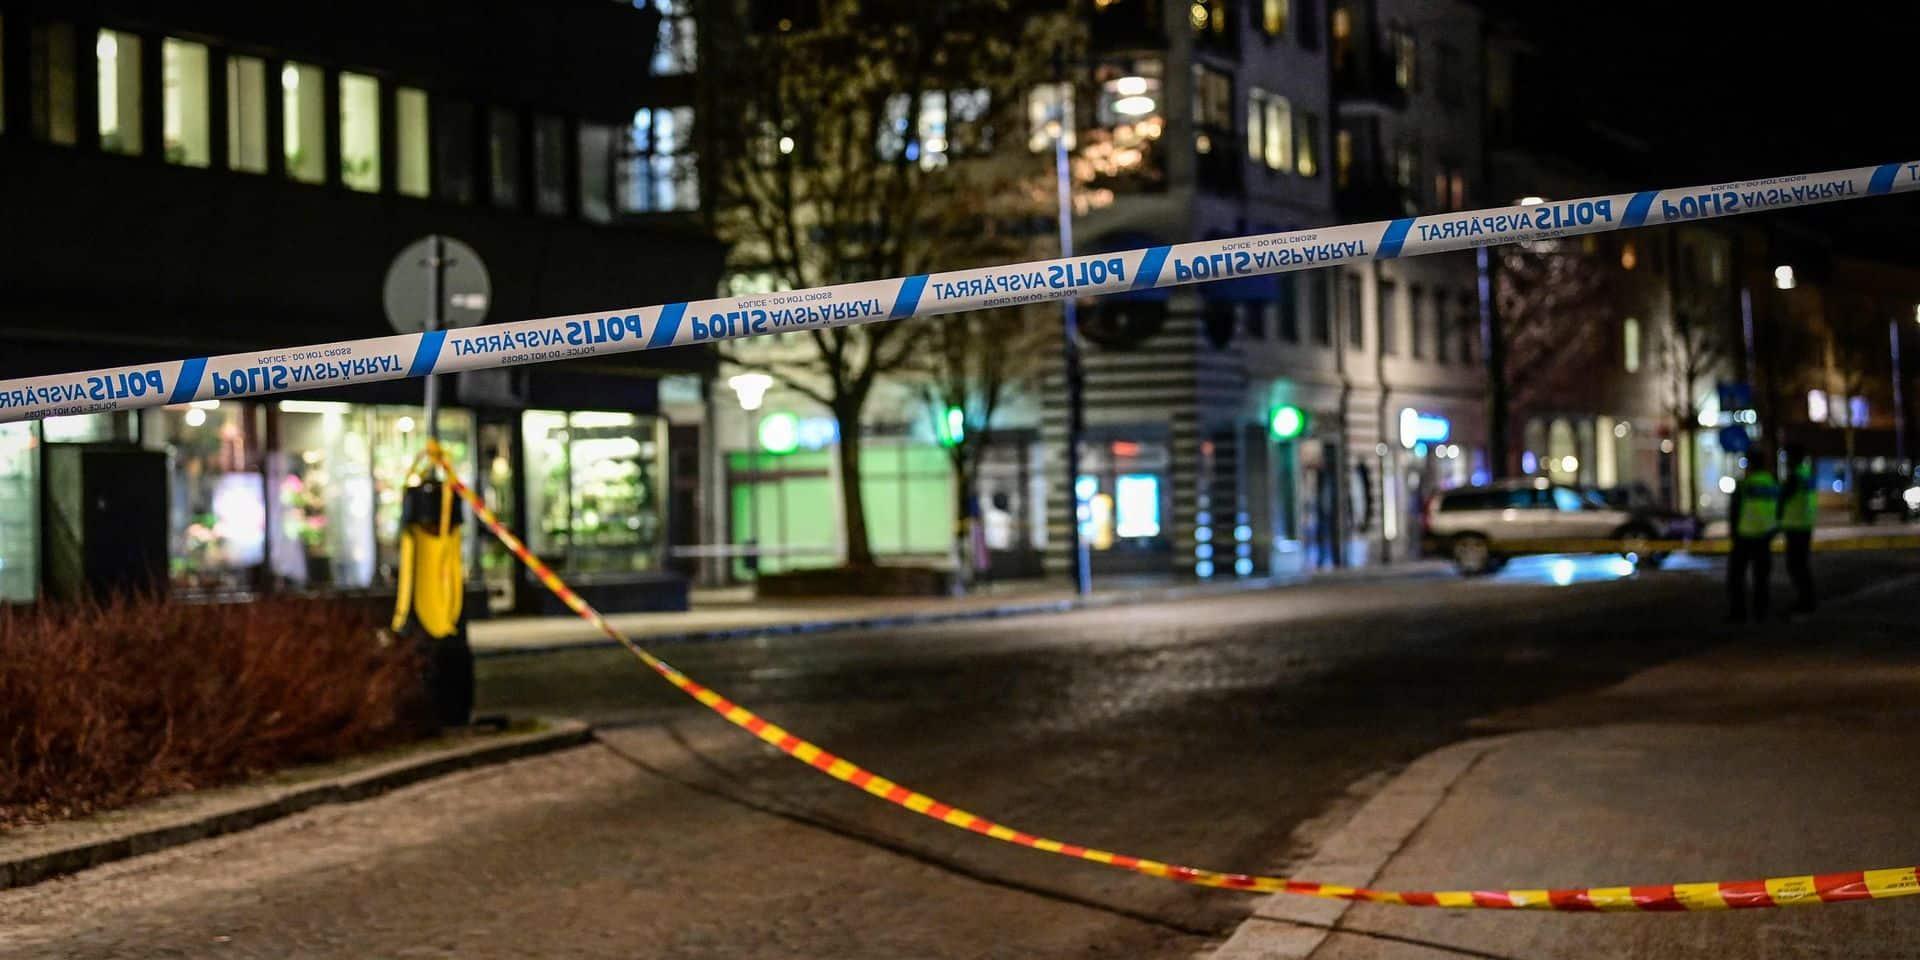 Attaque à l'arme blanche en Suède: la piste terroriste écartée